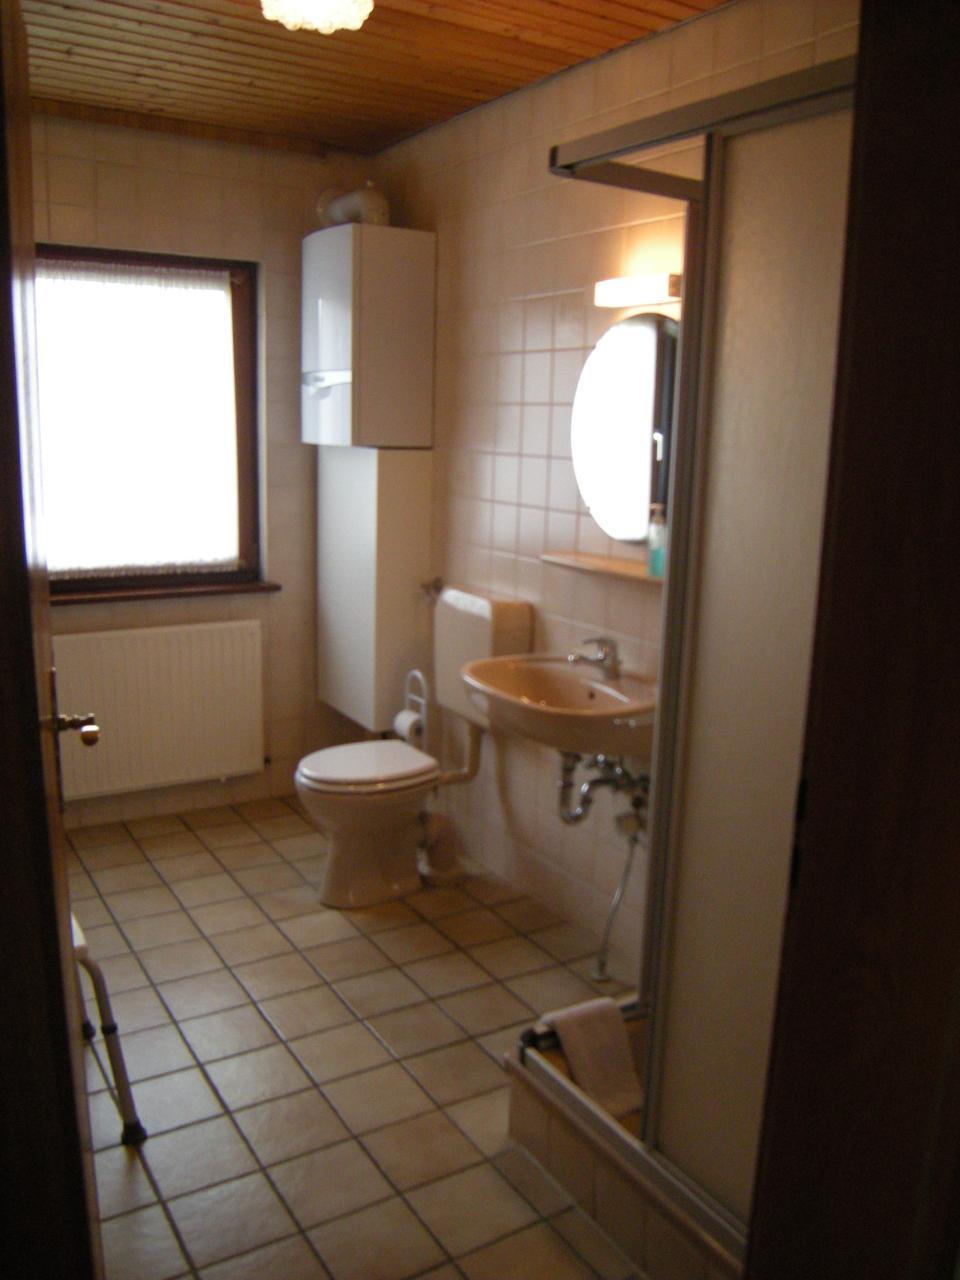 Ferienhaus Bugalow Type B für max. 6 Personen (761038), Dipperz, Rhön (Hessen), Hessen, Deutschland, Bild 10